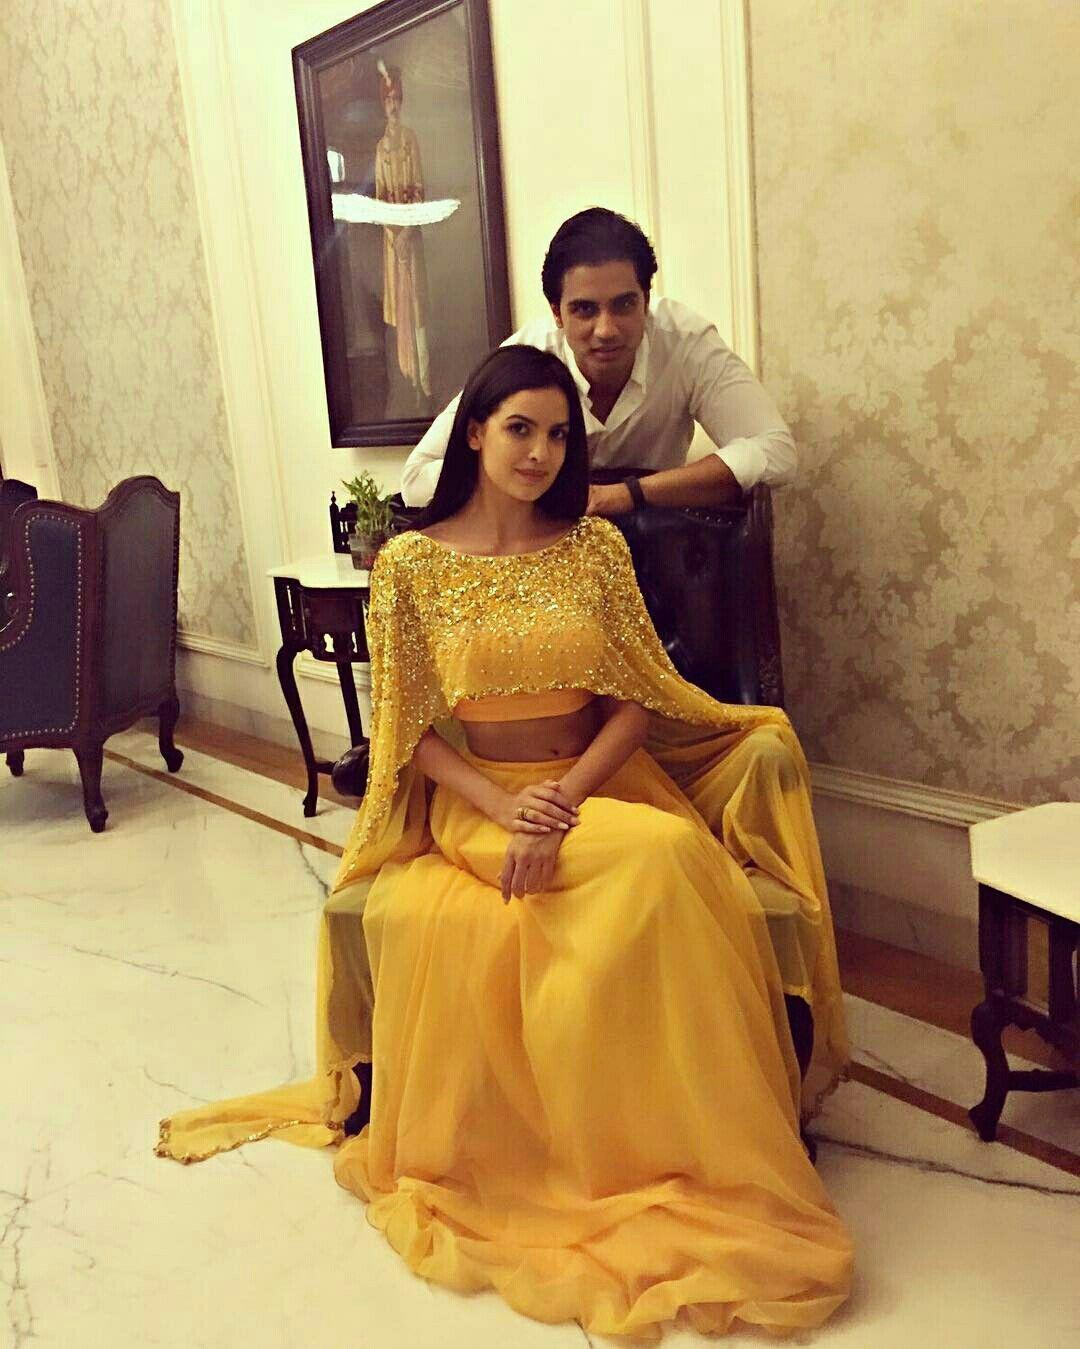 2e6b8e3c3f8d Beautiful yellow lehenga with a sparkly cape so pretty! #lehenga #cape  #glam #indian #punjabi